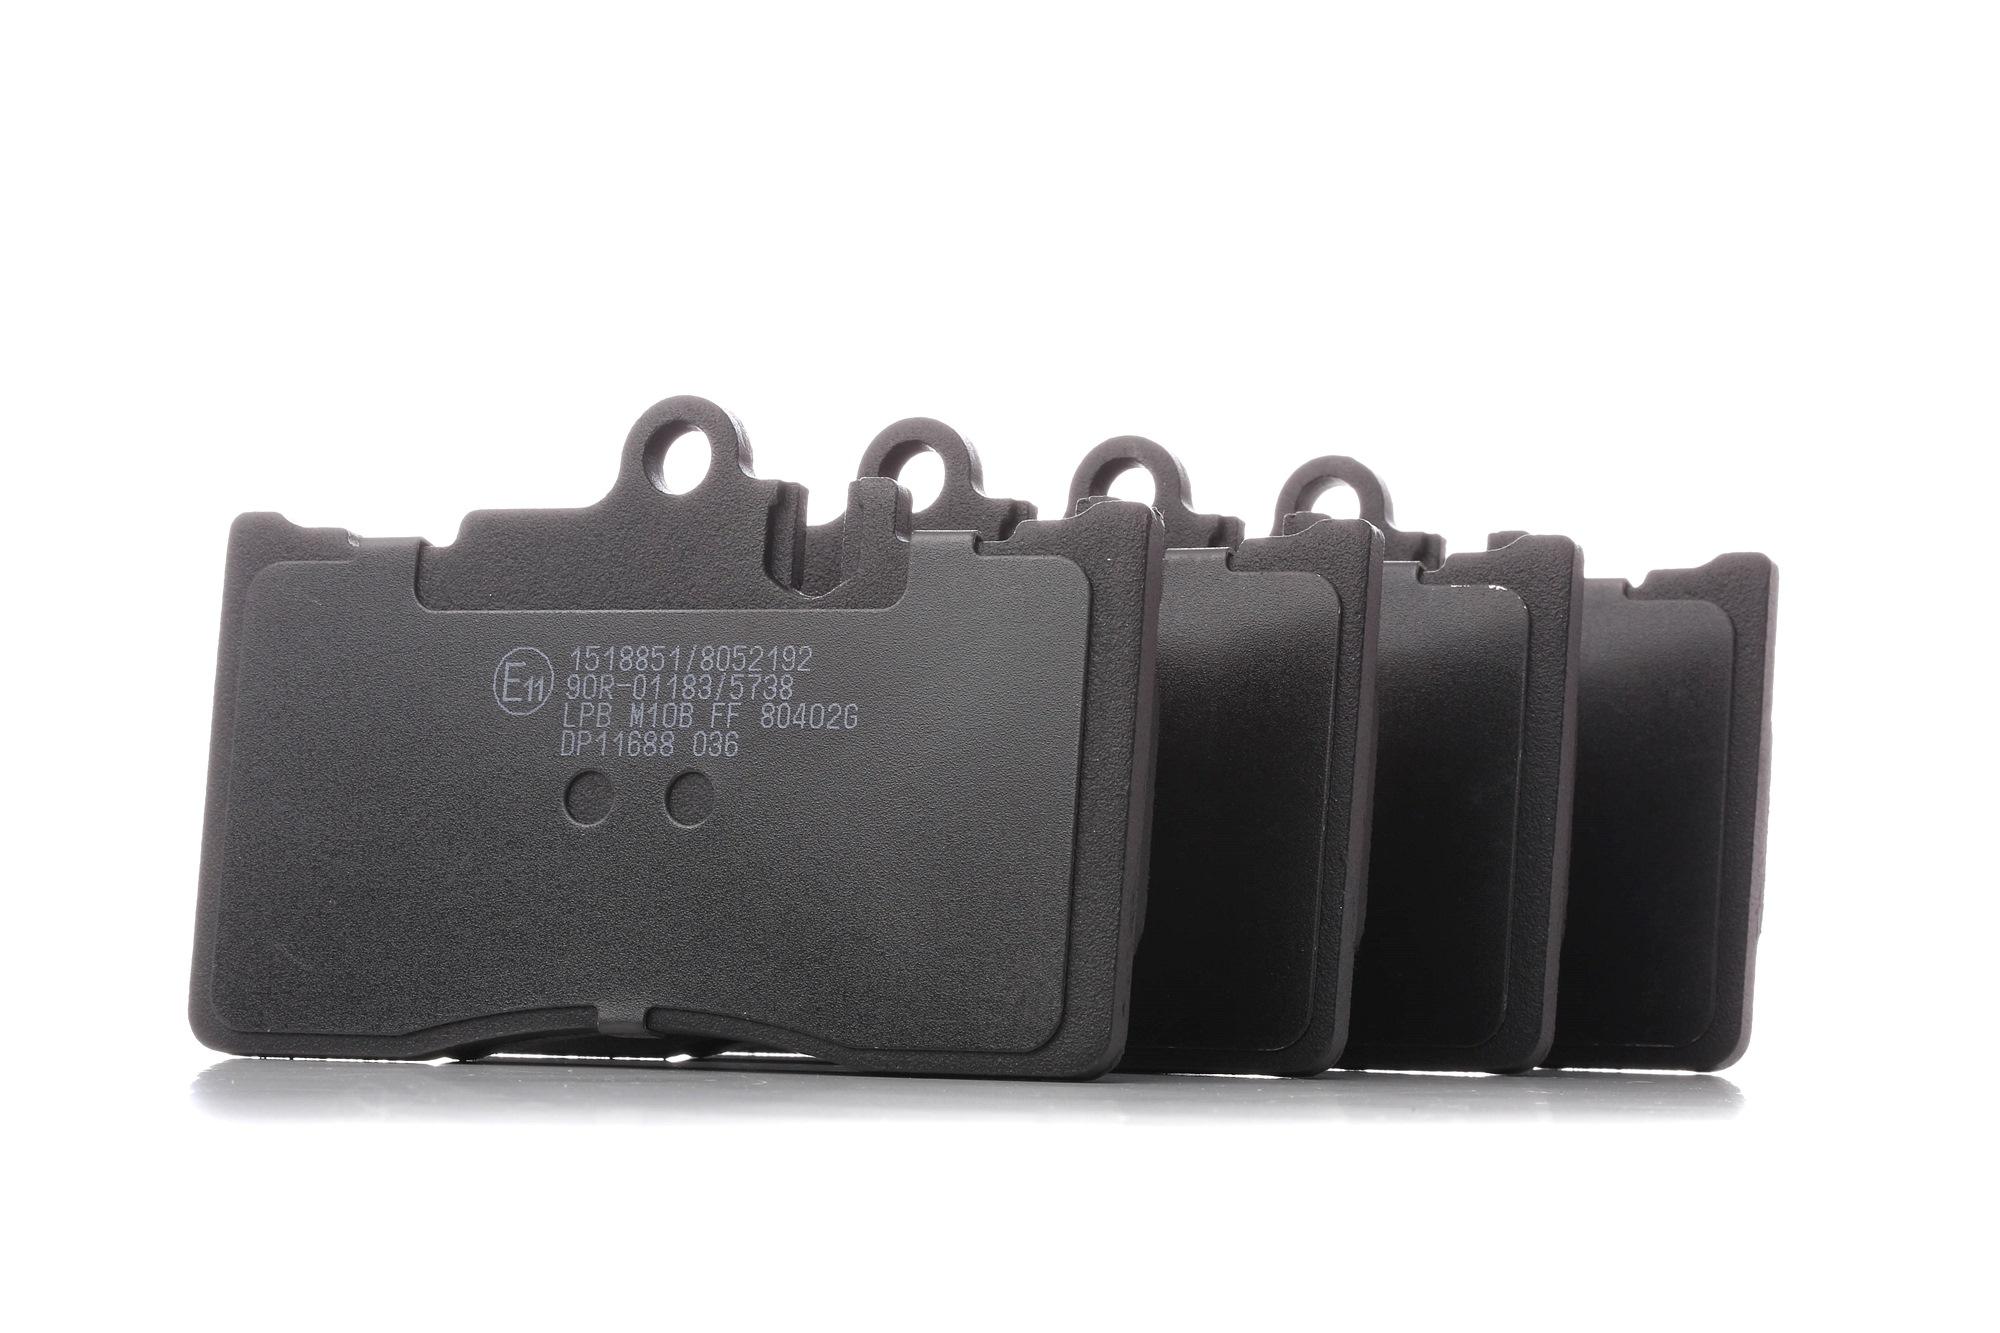 LEXUS LS 2020 Bremsbelagsatz - Original RIDEX 402B0726 Höhe: 77,6mm, Breite: 118,7mm, Dicke/Stärke: 16mm